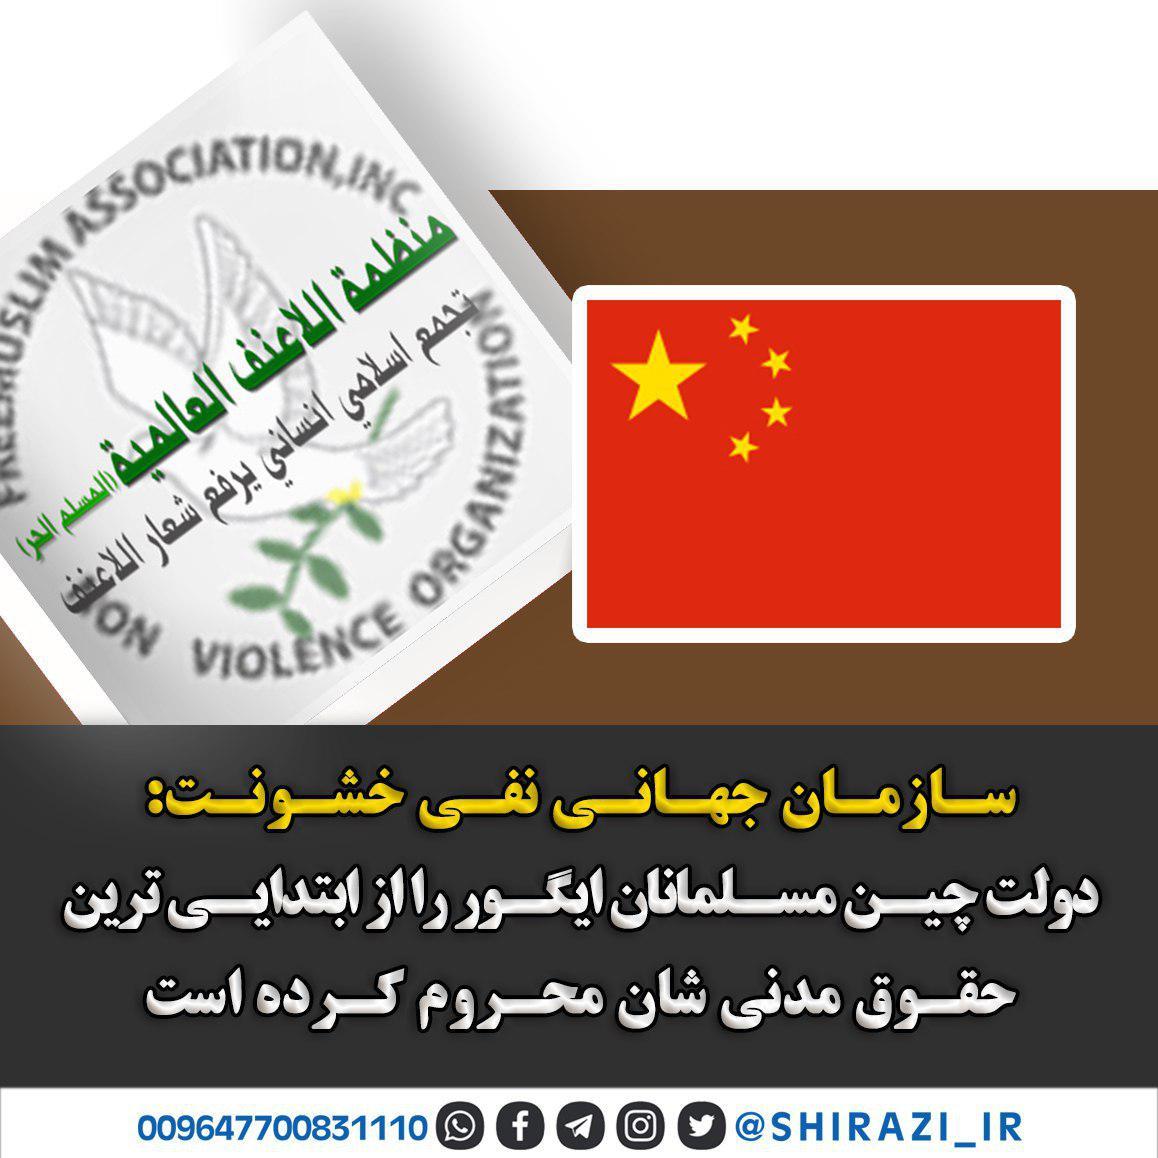 تصویر مسلمان آزاده: چین مسلمانان اویغور را از ابتدایی ترین حقوق انسانی محروم کرده است